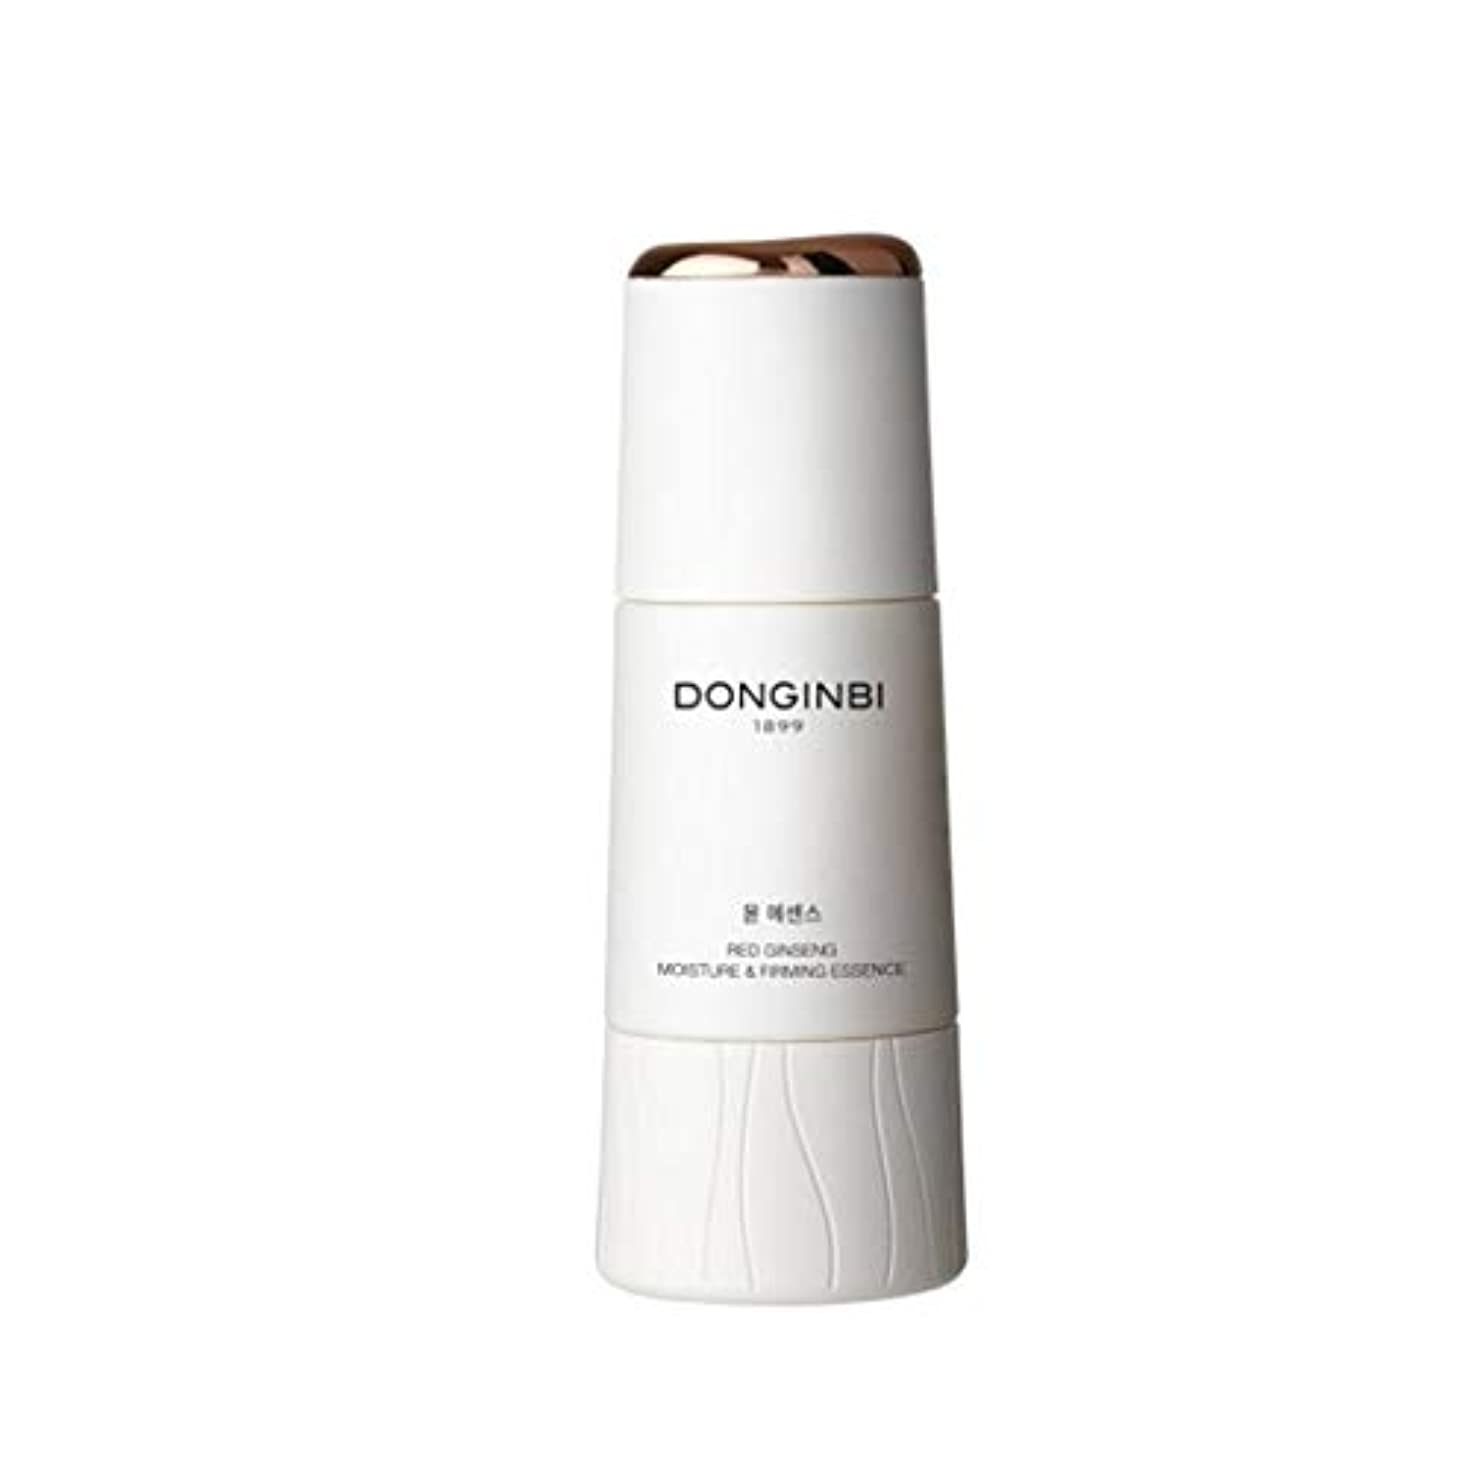 ドンインビユンエッセンス50ml紅参保湿韓国コスメ、Donginbi Red Ginseng Moisture&Firming Essence 50ml Korean Cosmetics [並行輸入品]